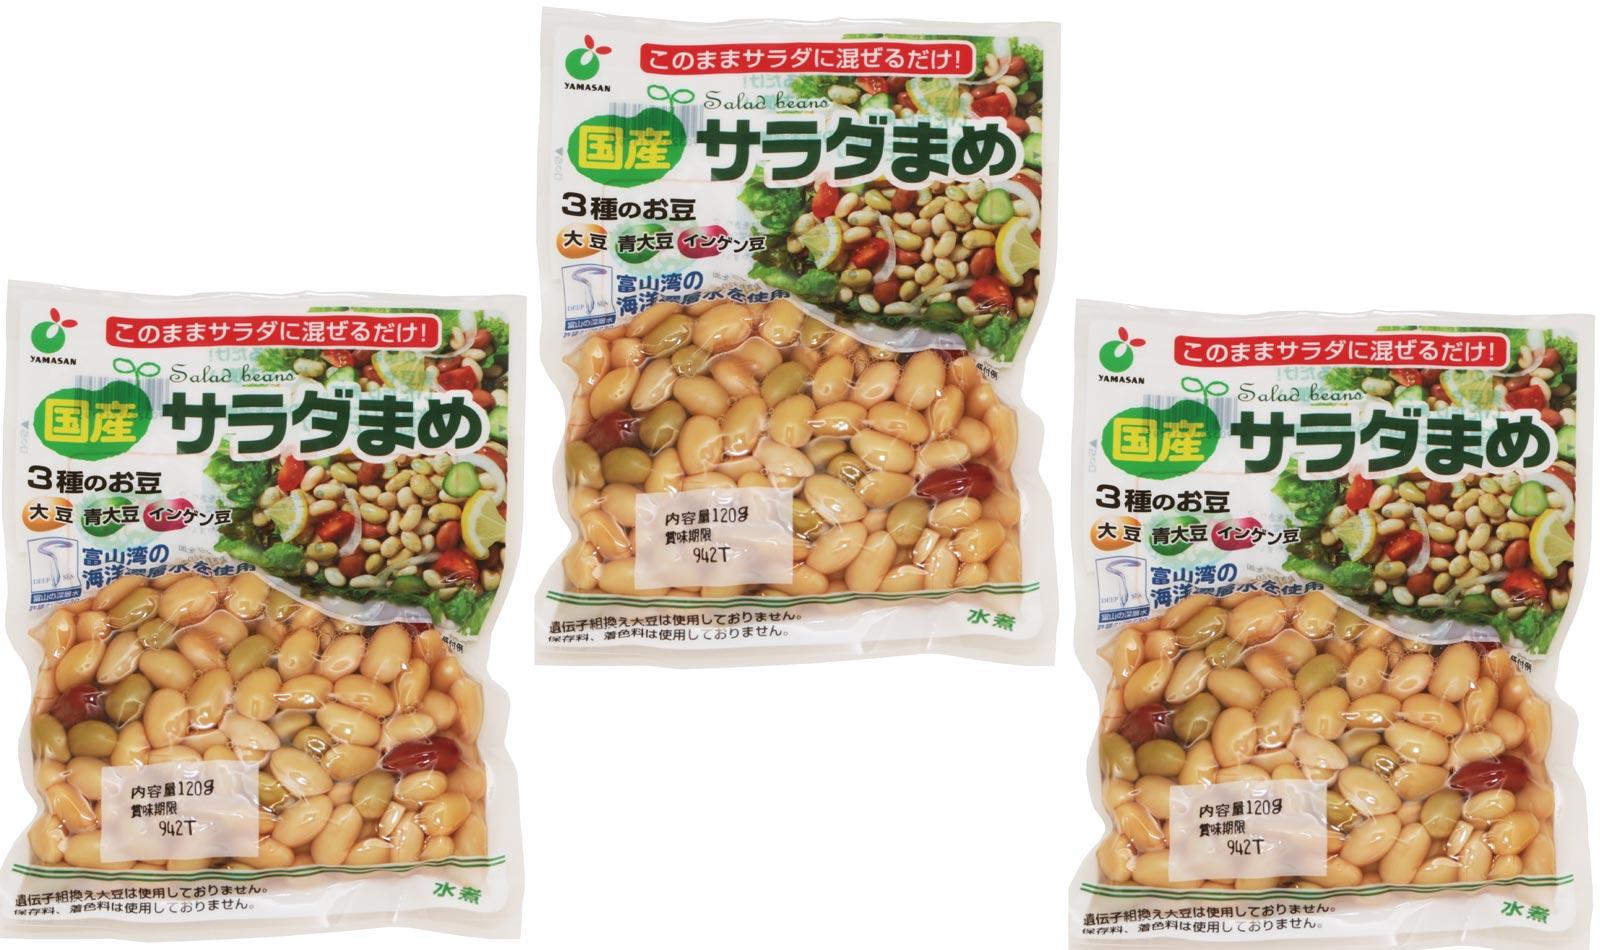 国産 サラダまめ(大豆・青大豆・インゲン豆) 120g×3袋   【国内産 ヤマサン食品工業 大豆水煮 ミックス豆】